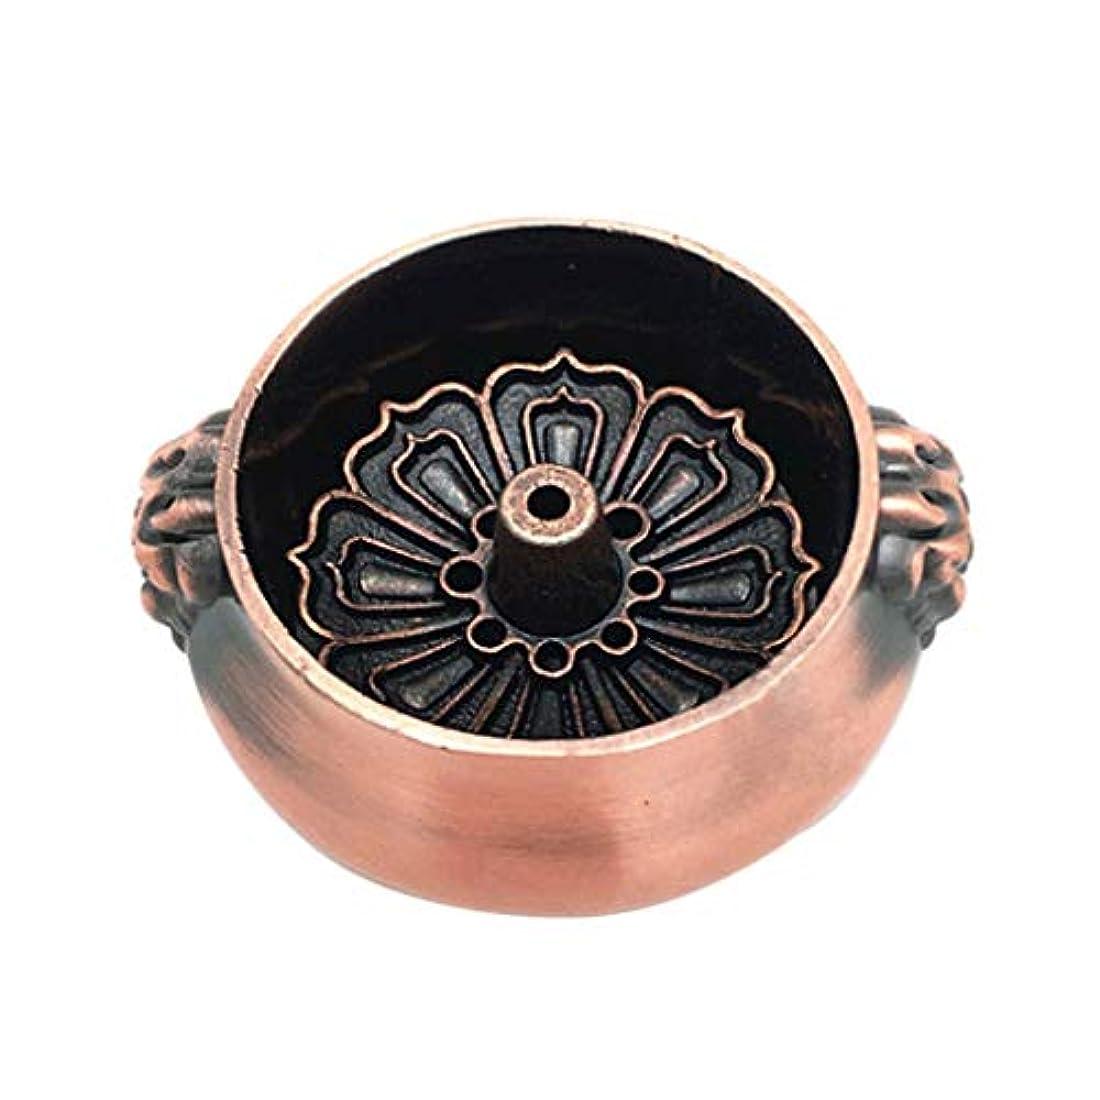 アンティーク合金銅香バーナースティックライン香コイルロータス形状香クリエイティブホームデコレーション香ホルダー (Color : Brass, サイズ : 2.36*1.06inchs)